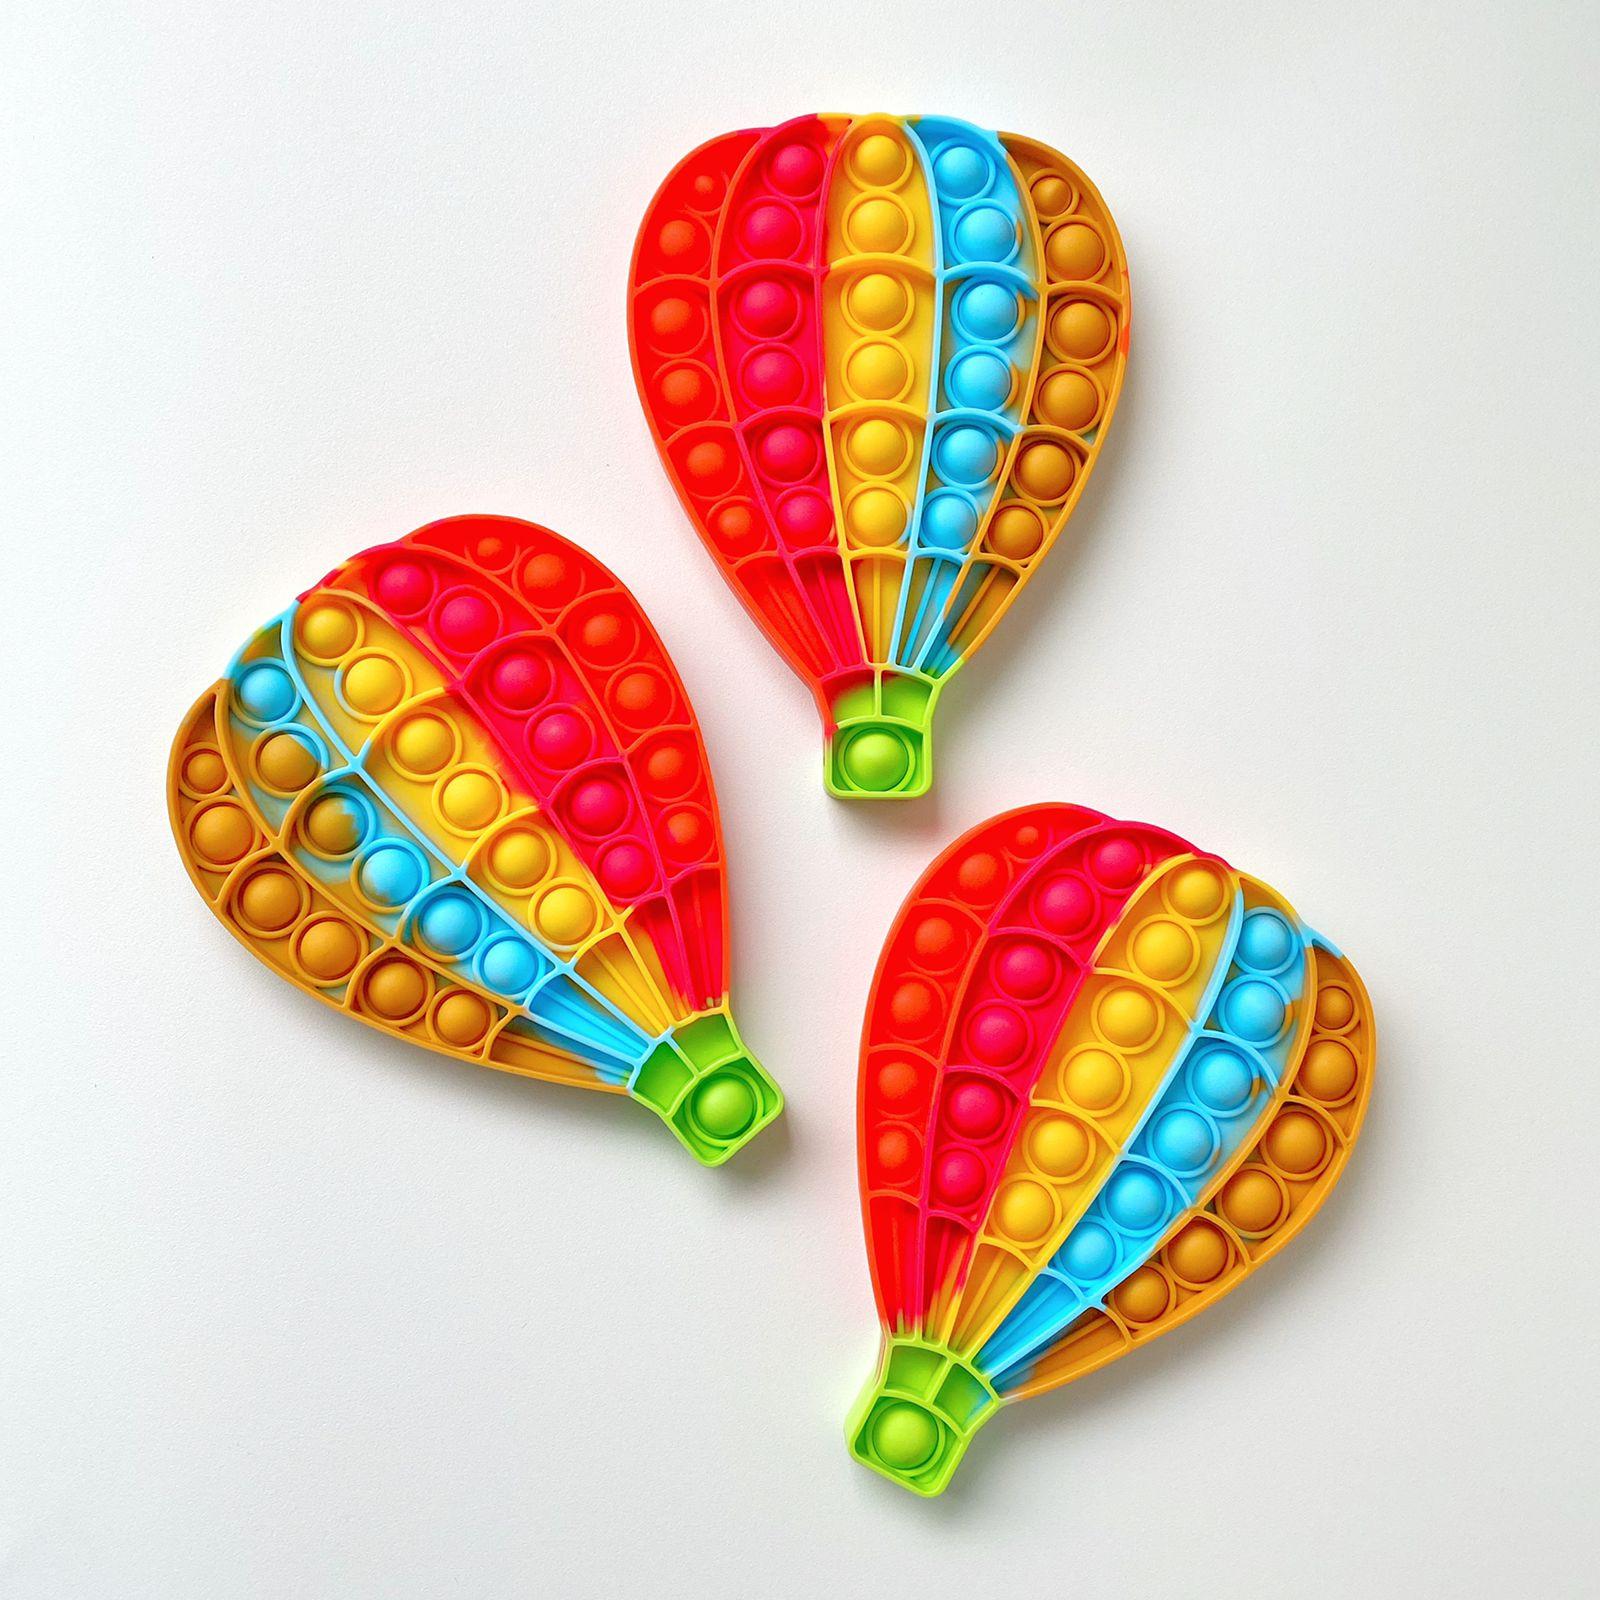 Pop Popit de Silicone Fidget Toy Brinquedo Anti stress Relaxante Balão Cor Tom vintage| Importado